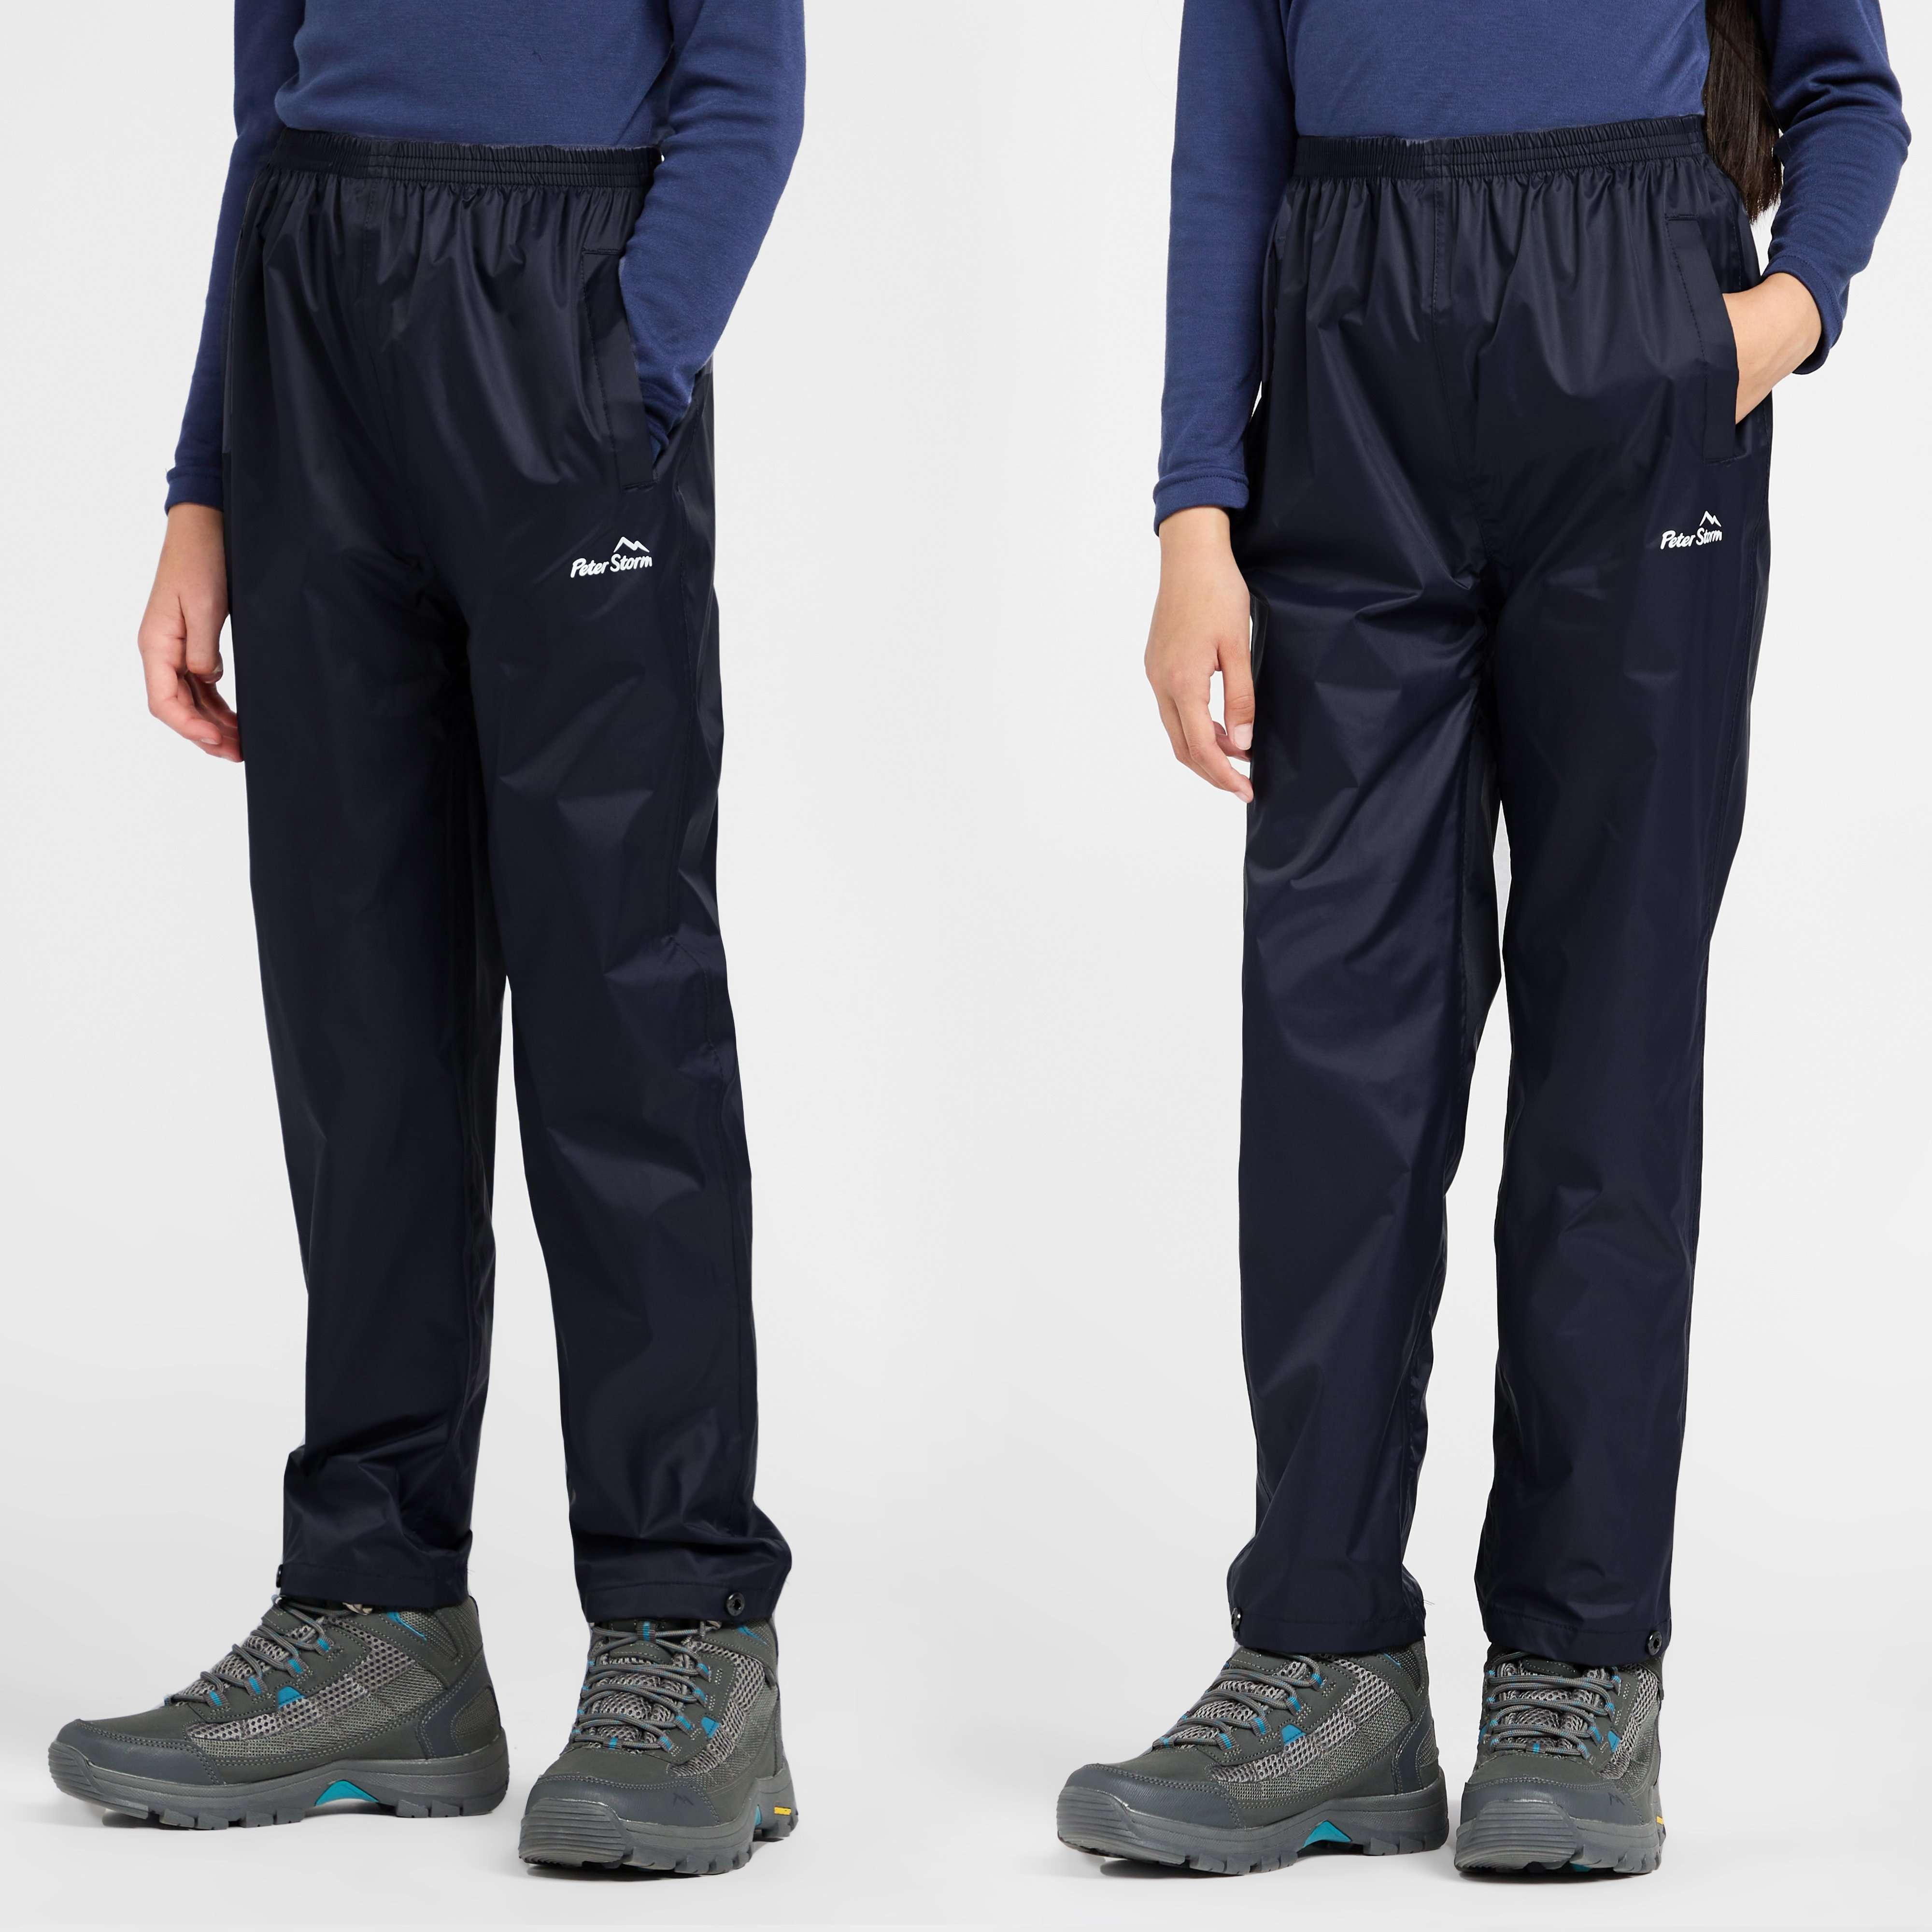 PETER STORM Kids' Unisex Packable Pants